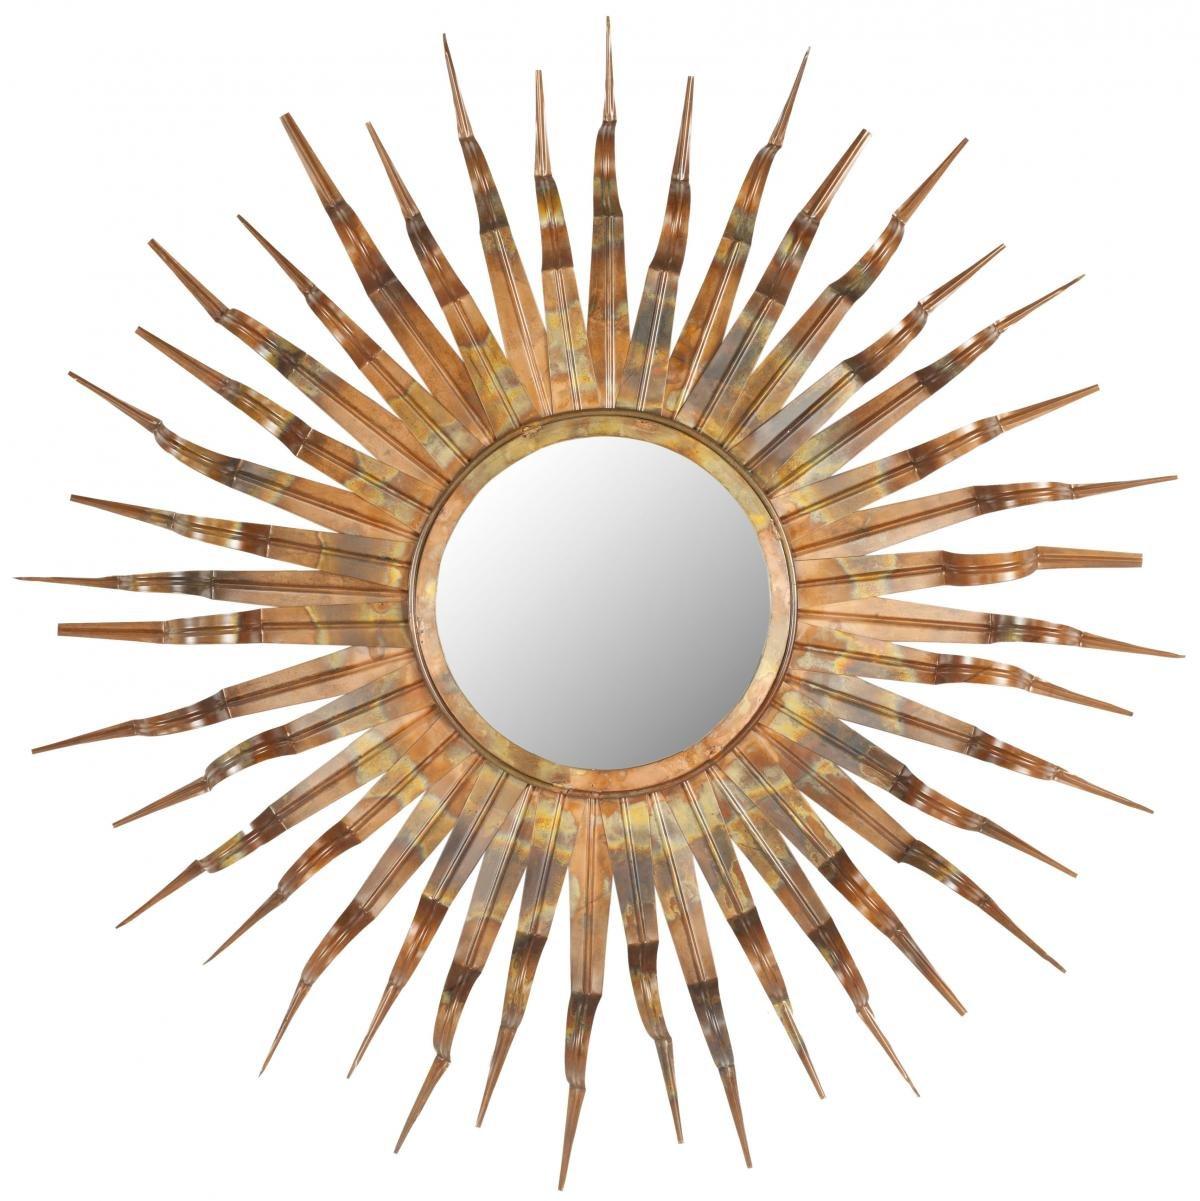 Safavieh Home Collection Sun Mirror, Copper